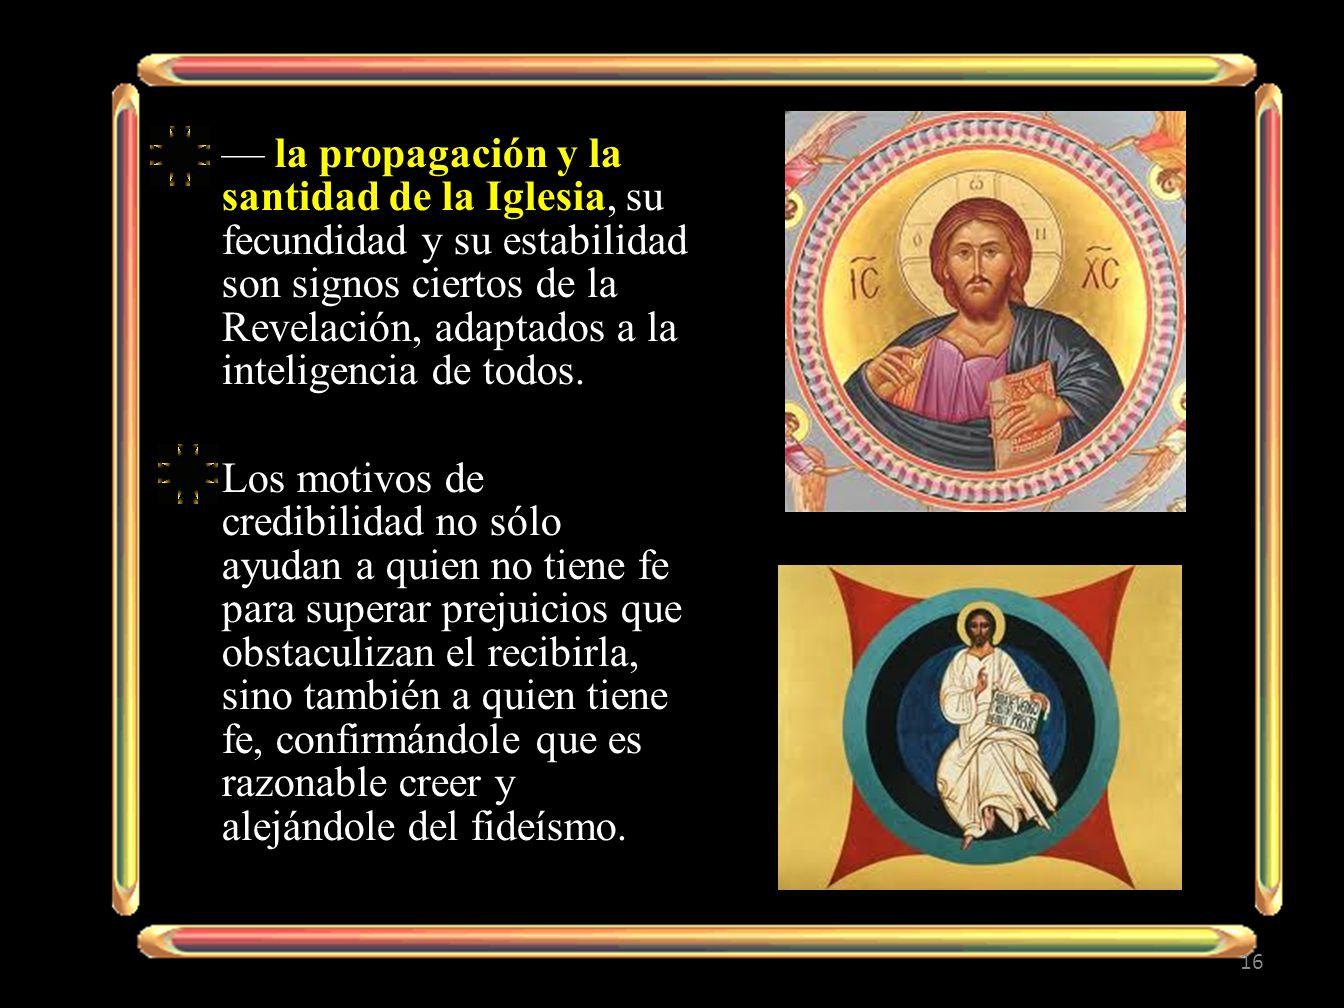 la propagación y la santidad de la Iglesia, su fecundidad y su estabilidad son signos ciertos de la Revelación, adaptados a la inteligencia de todos.